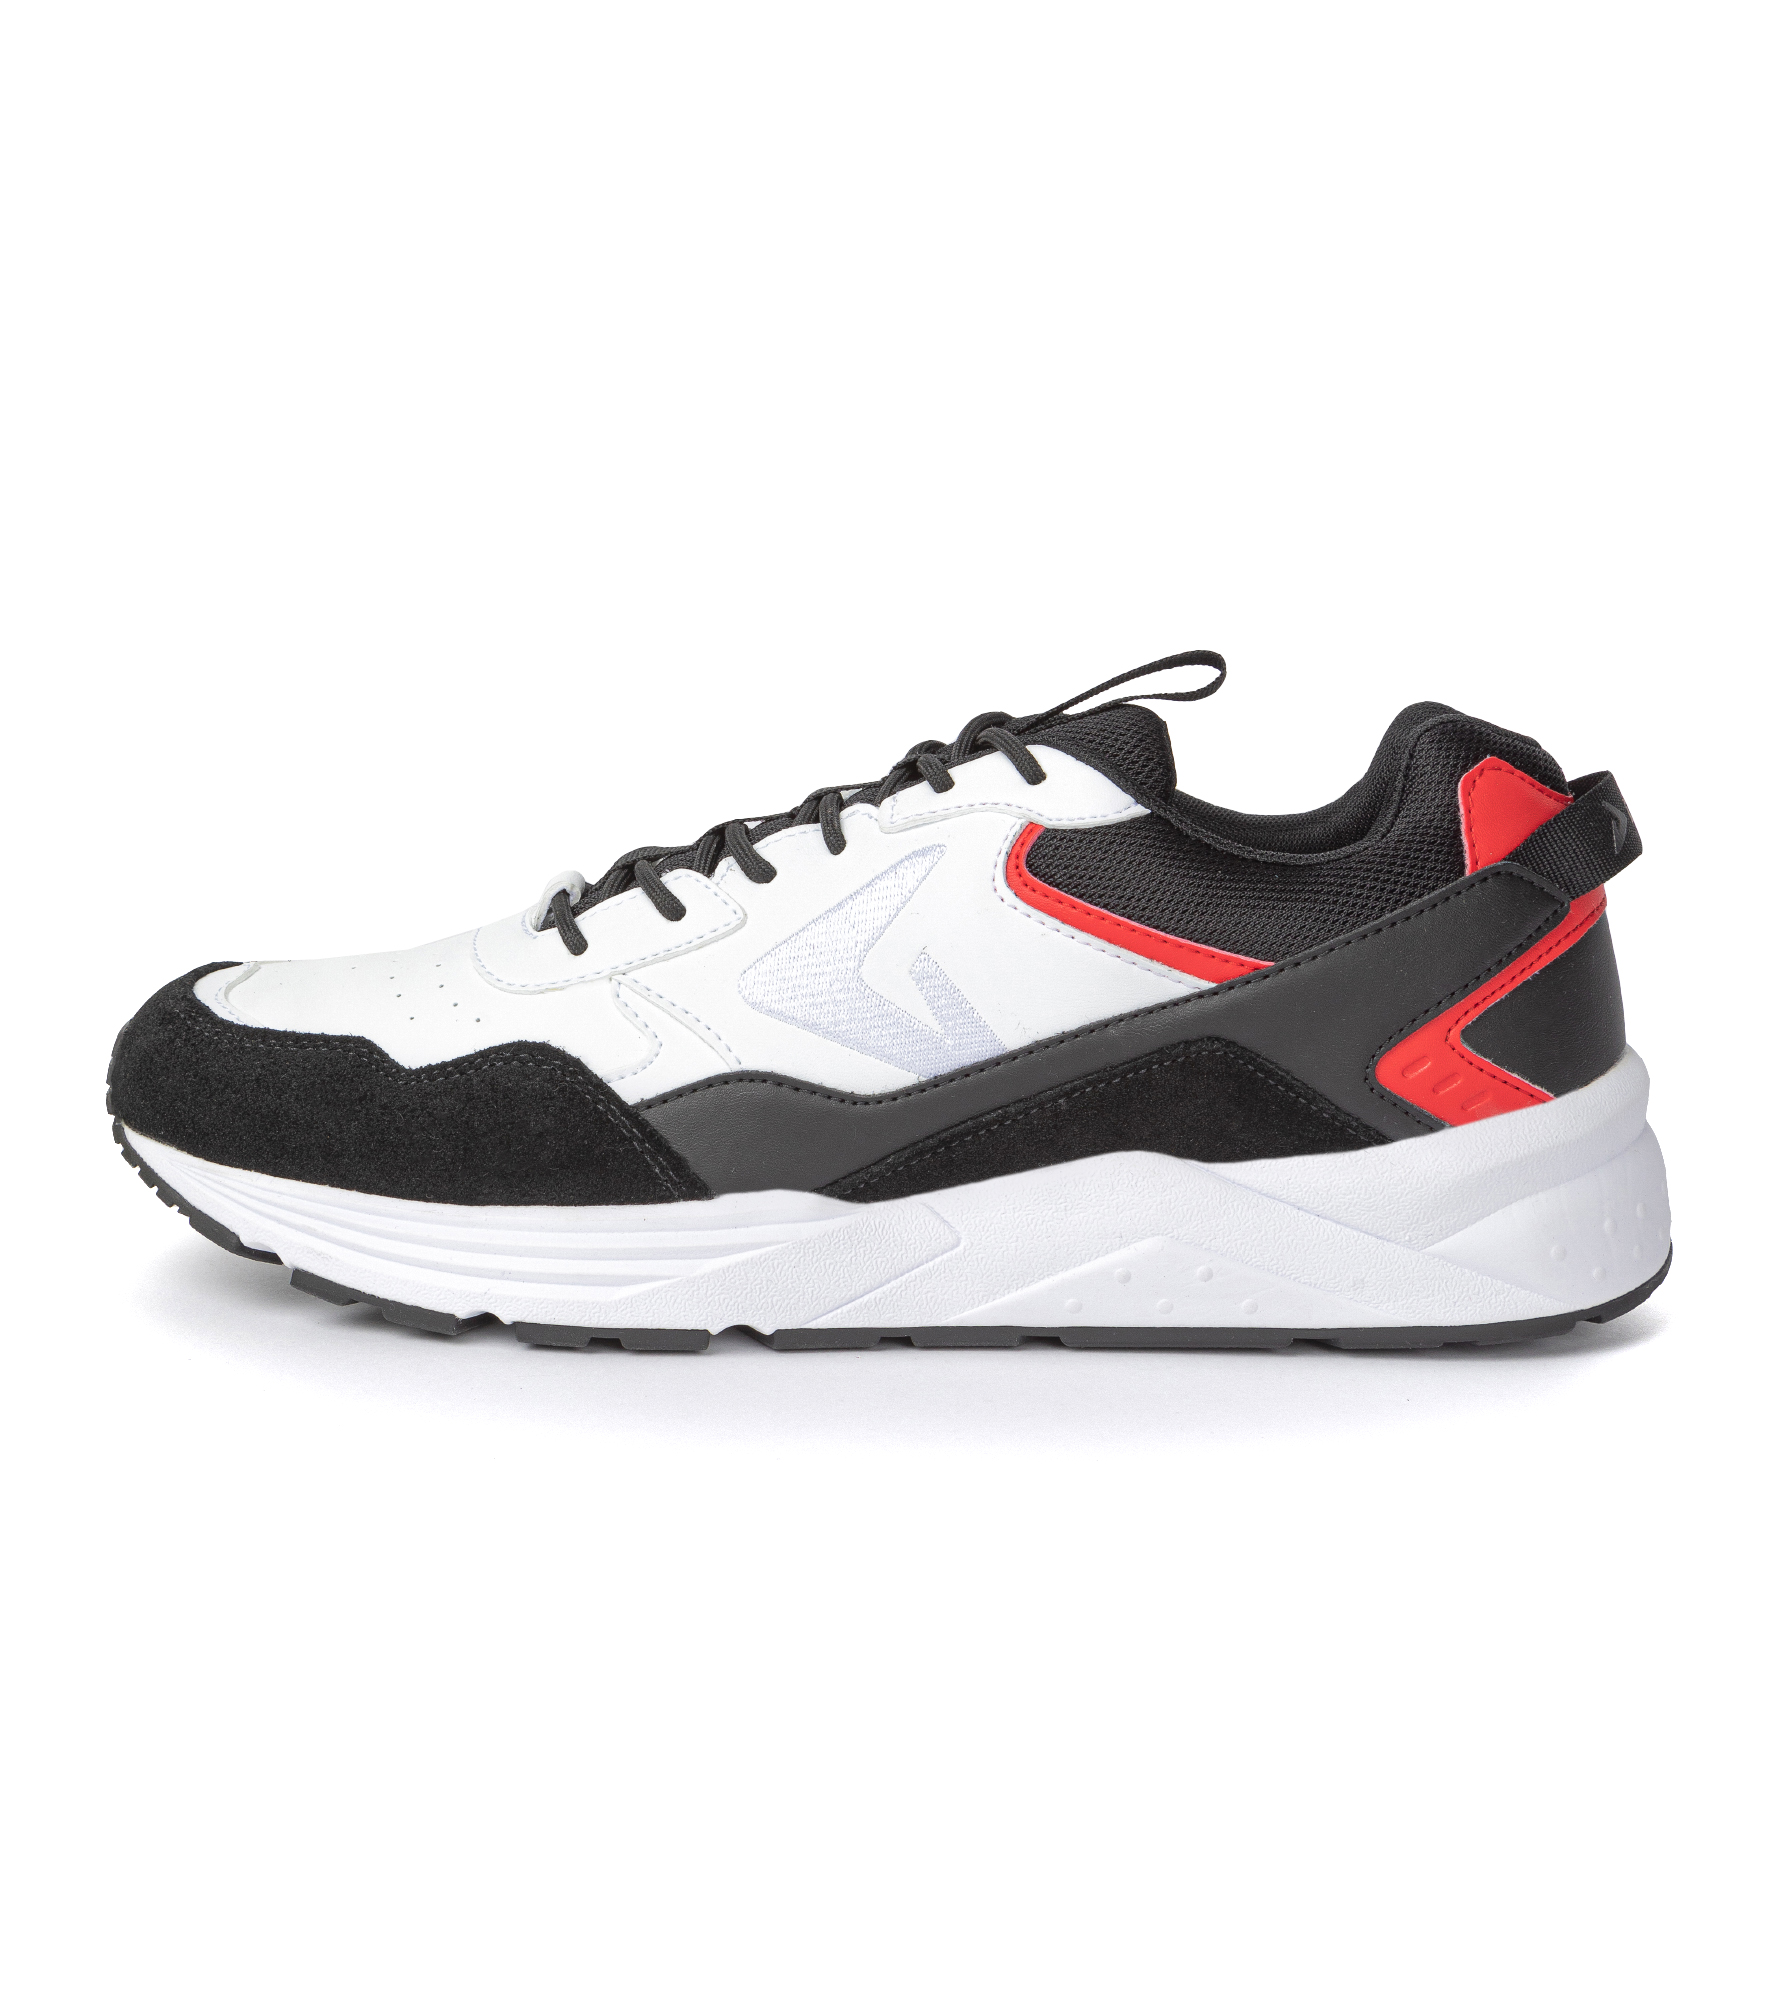 Demix Кроссовки мужские Demix Sprinter ll, размер 41 demix кроссовки мужские demix mq sprinter размер 41